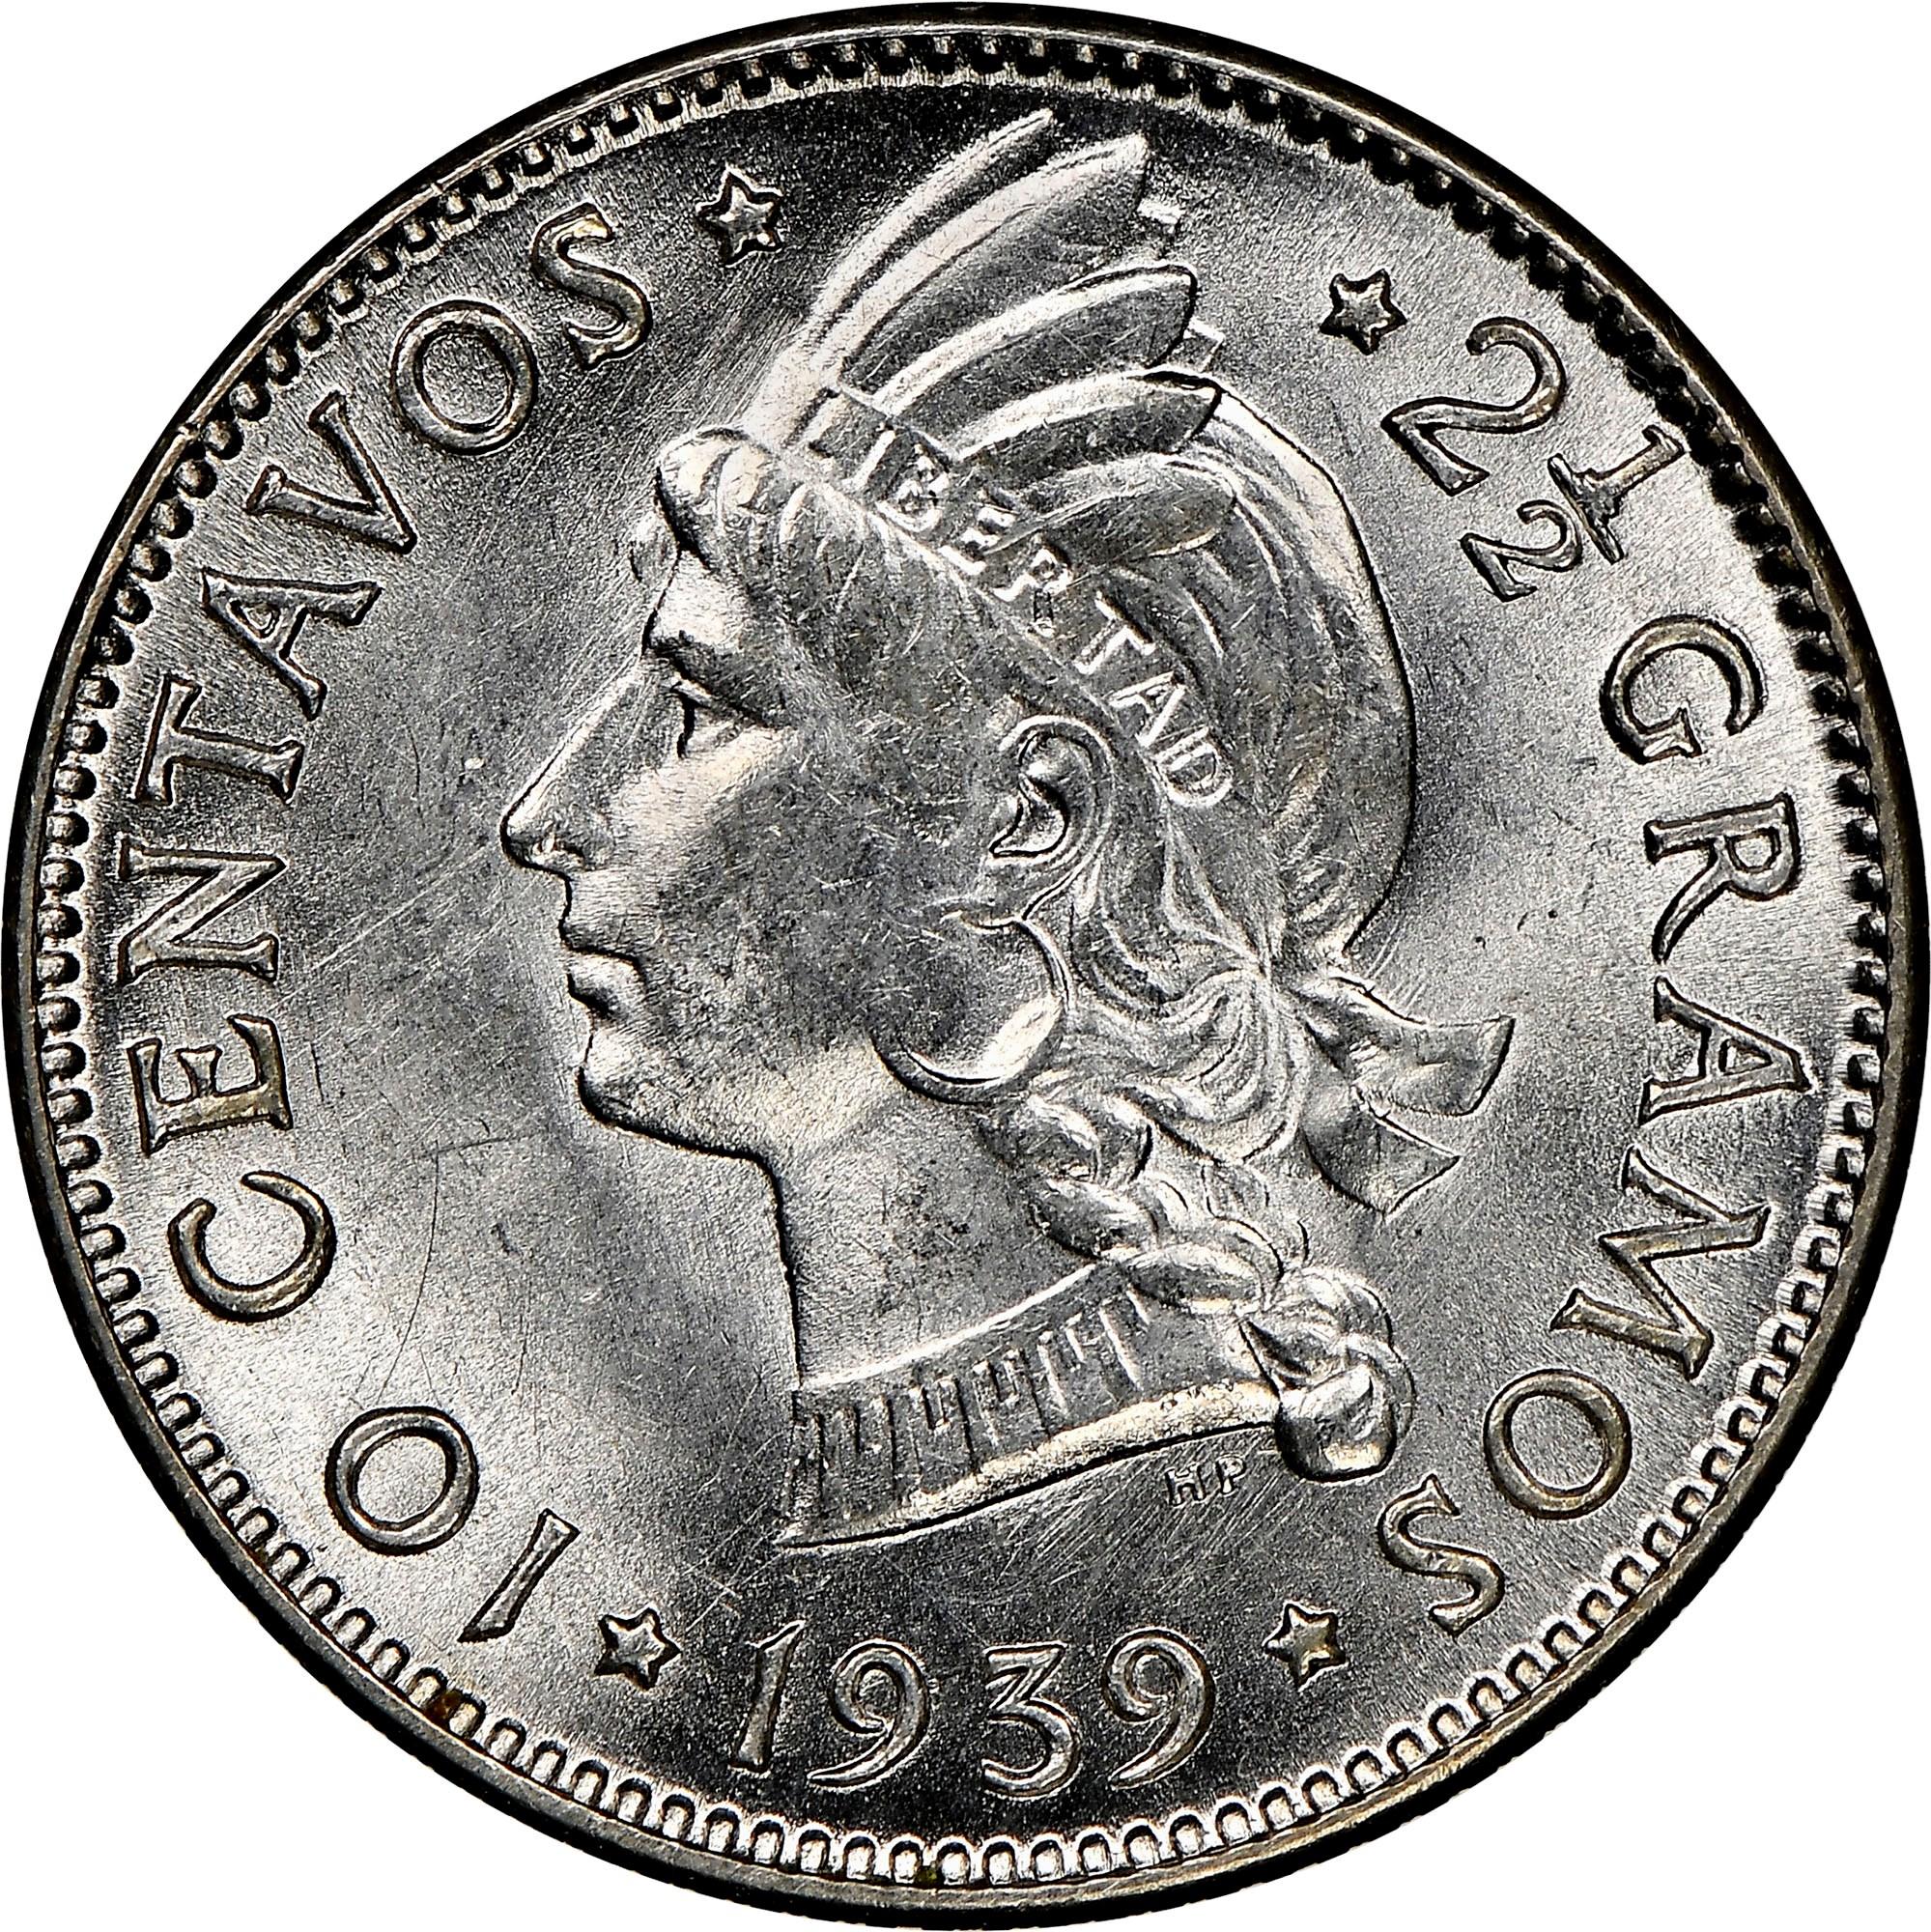 Dominican Republic 10 Centavos reverse